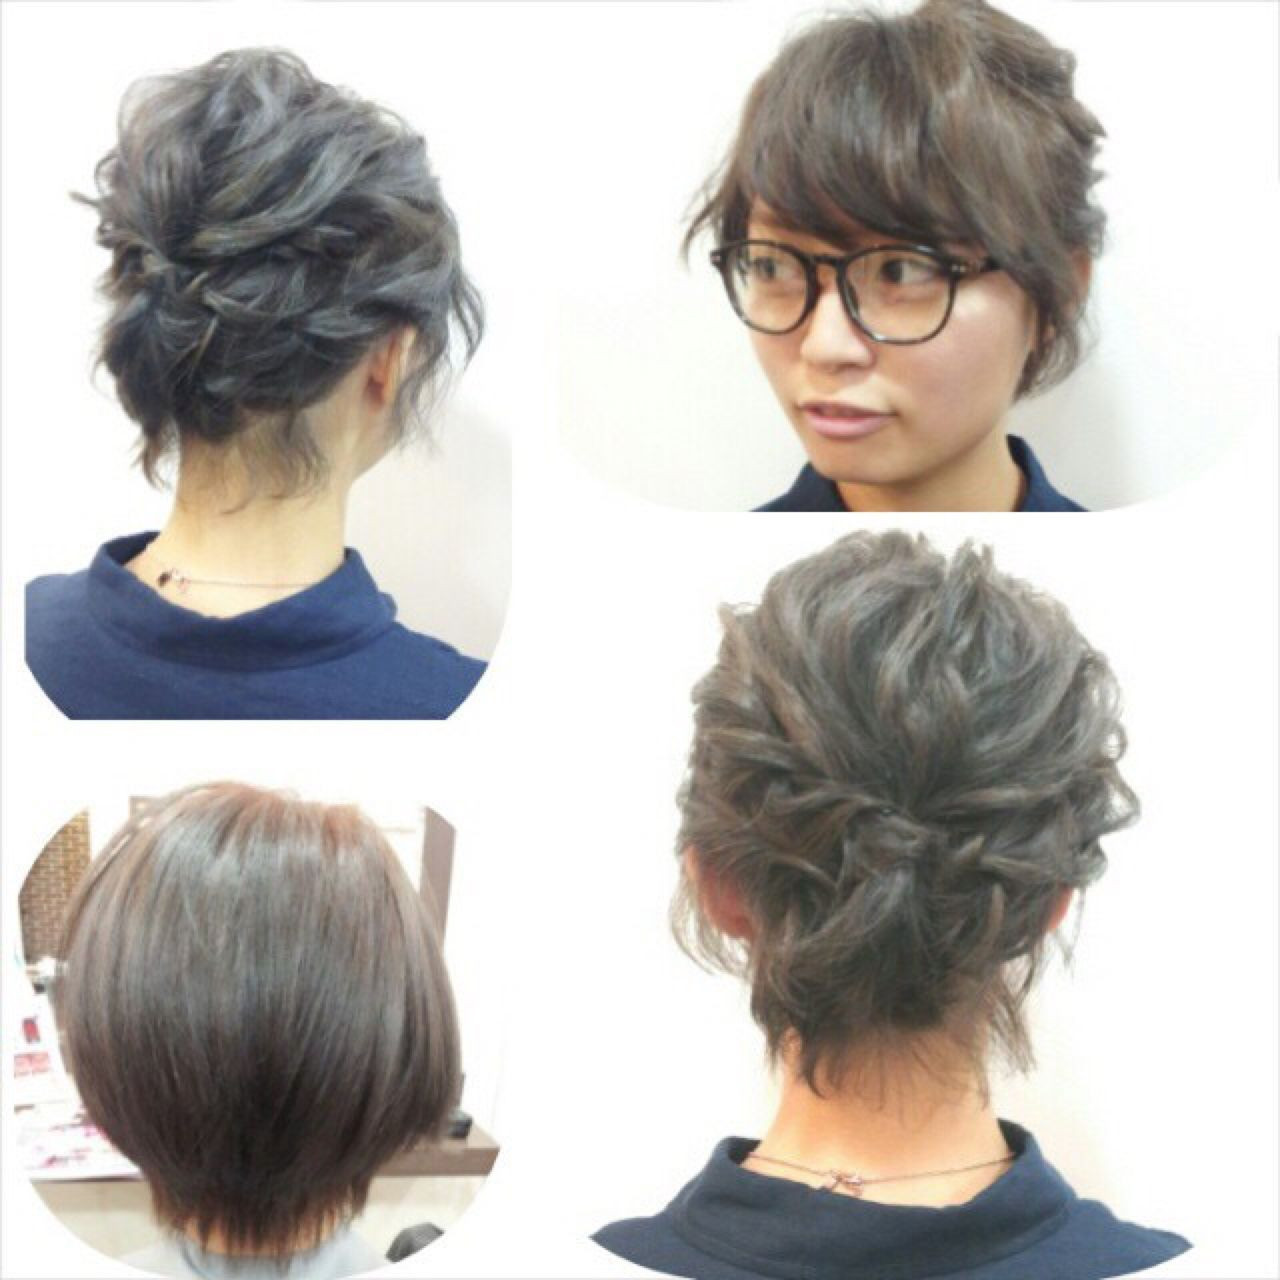 成人式 まとめ髪 コンサバ ヘアアレンジ ヘアスタイルや髪型の写真・画像